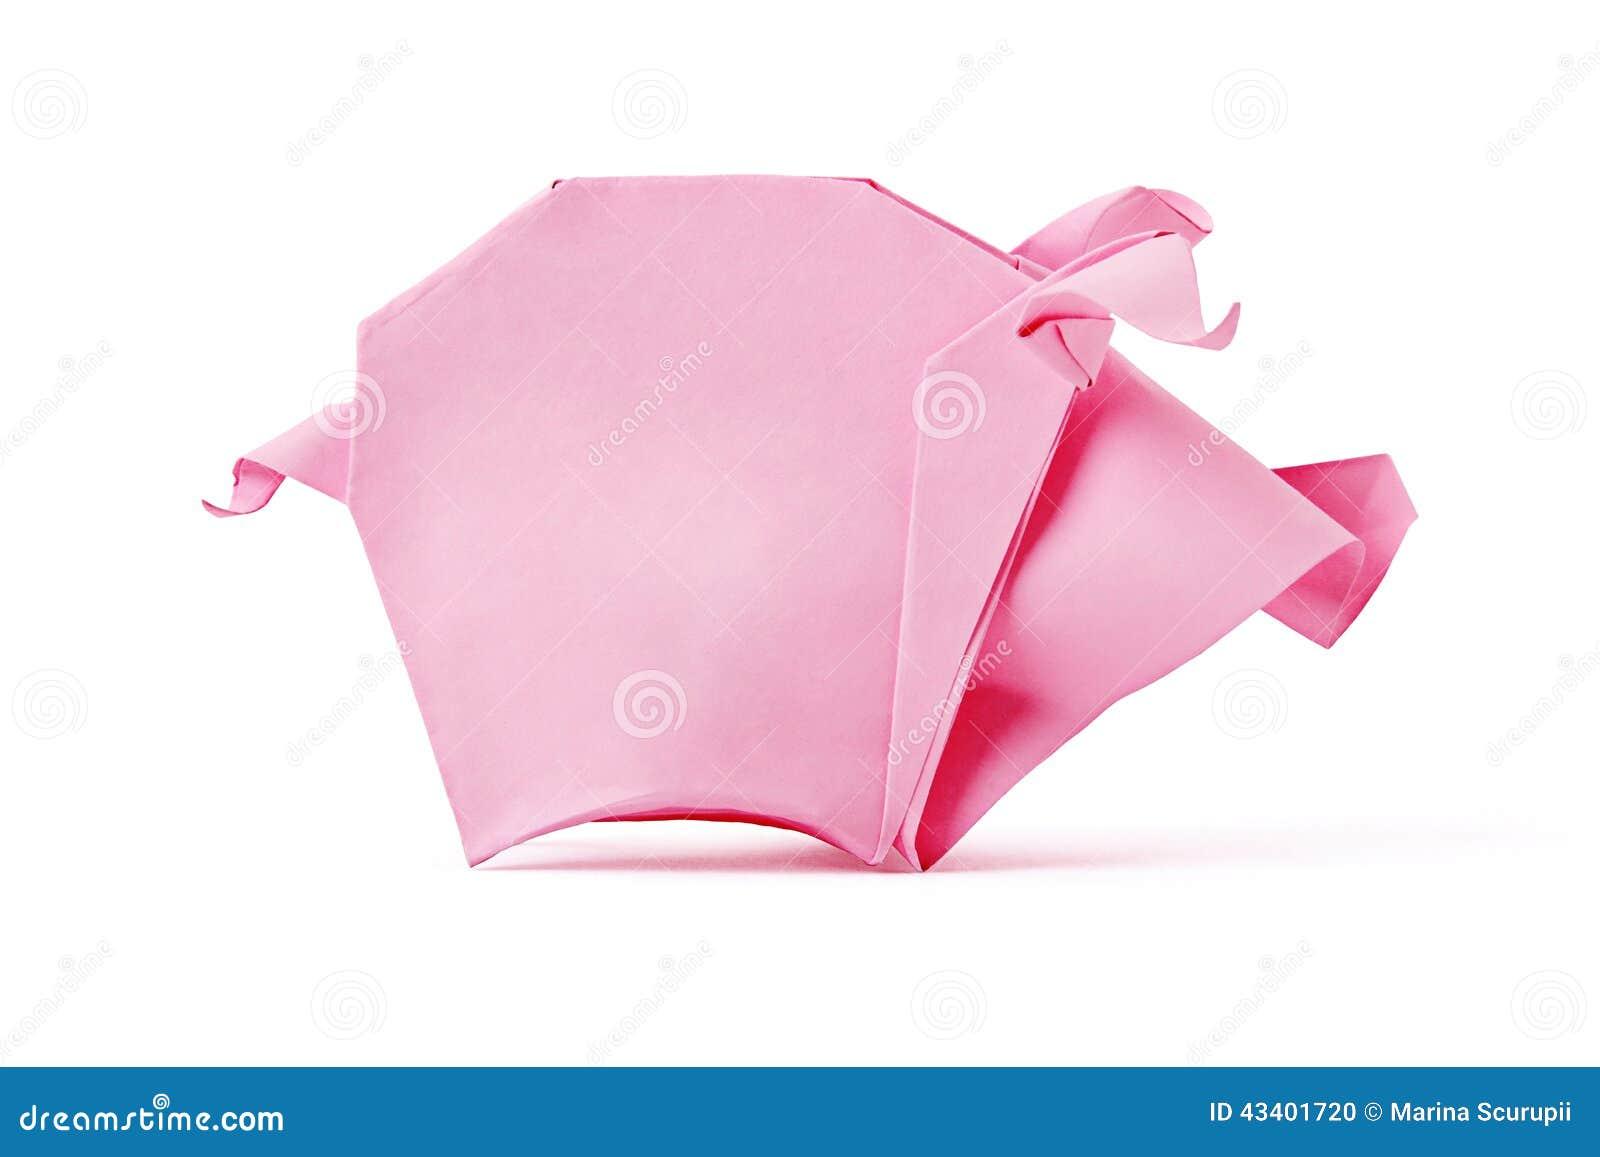 Pig Origami